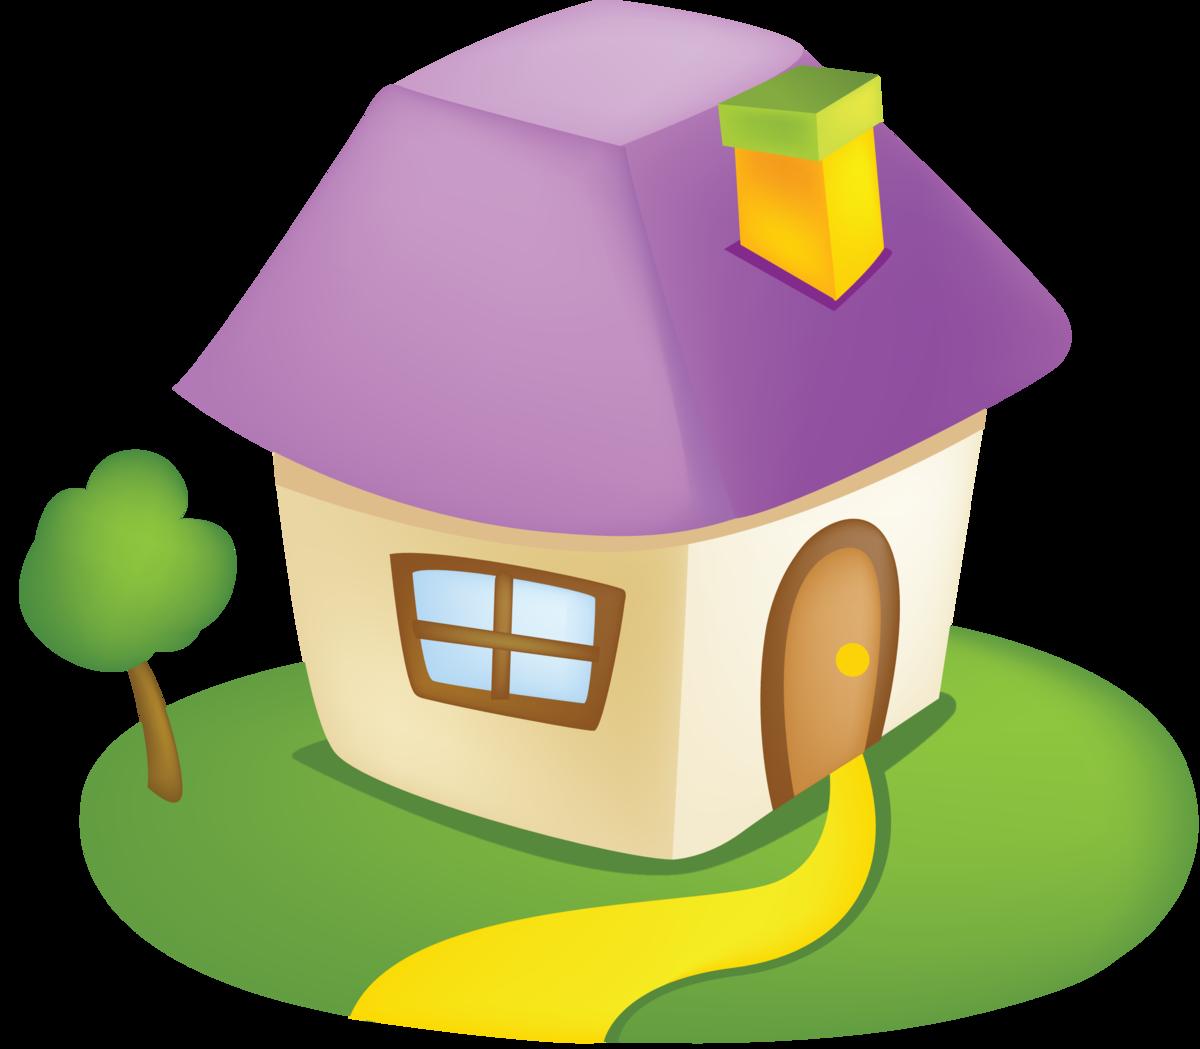 Картинка домики для детей на прозрачном фоне